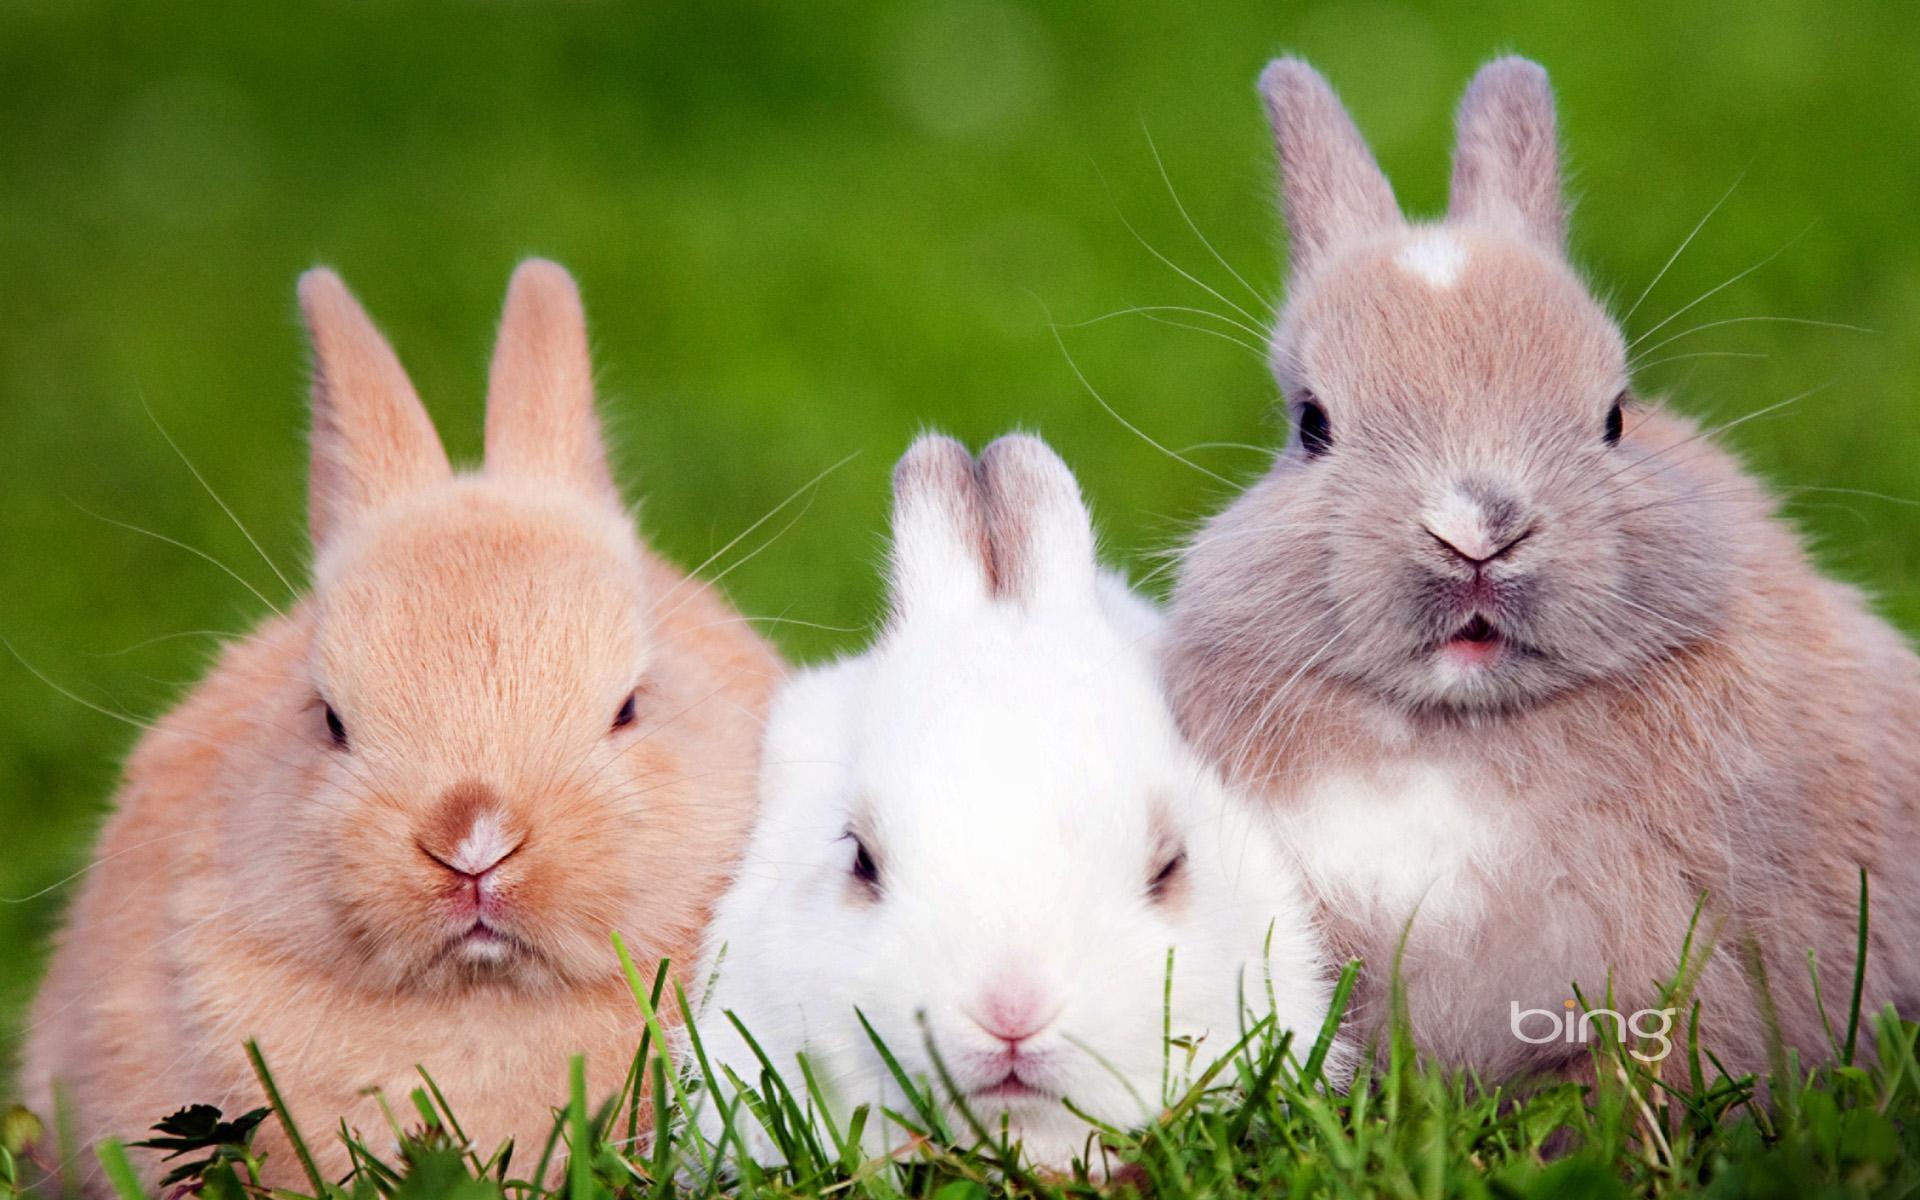 兔在生长过程中易患多种疾病,应用中药治疗兔病